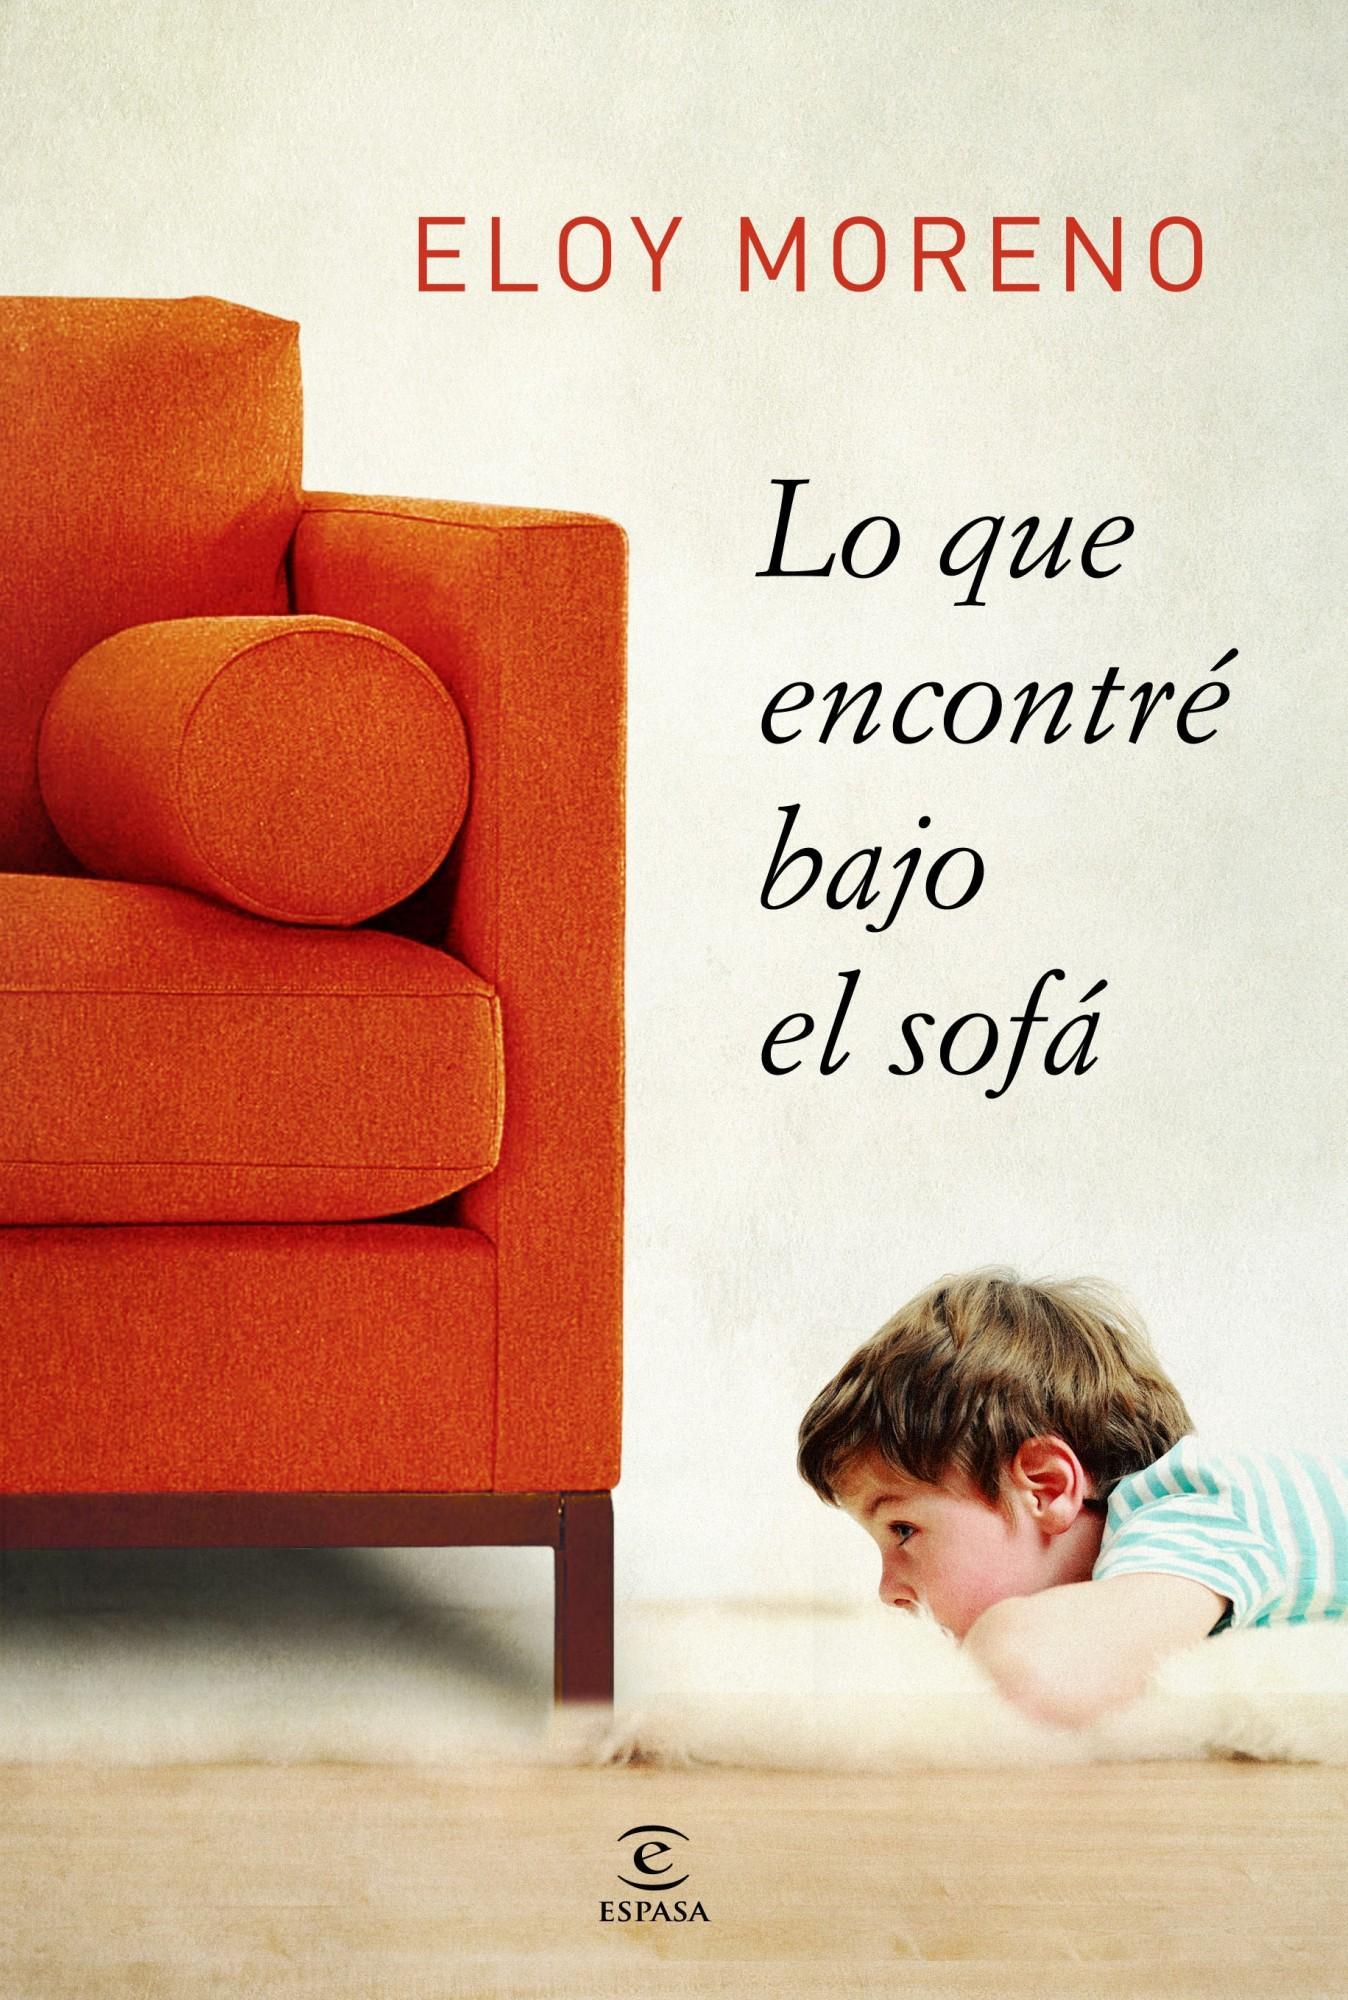 http://www.eloymoreno.com/lo-que-encontre-bajo-el-sofa/